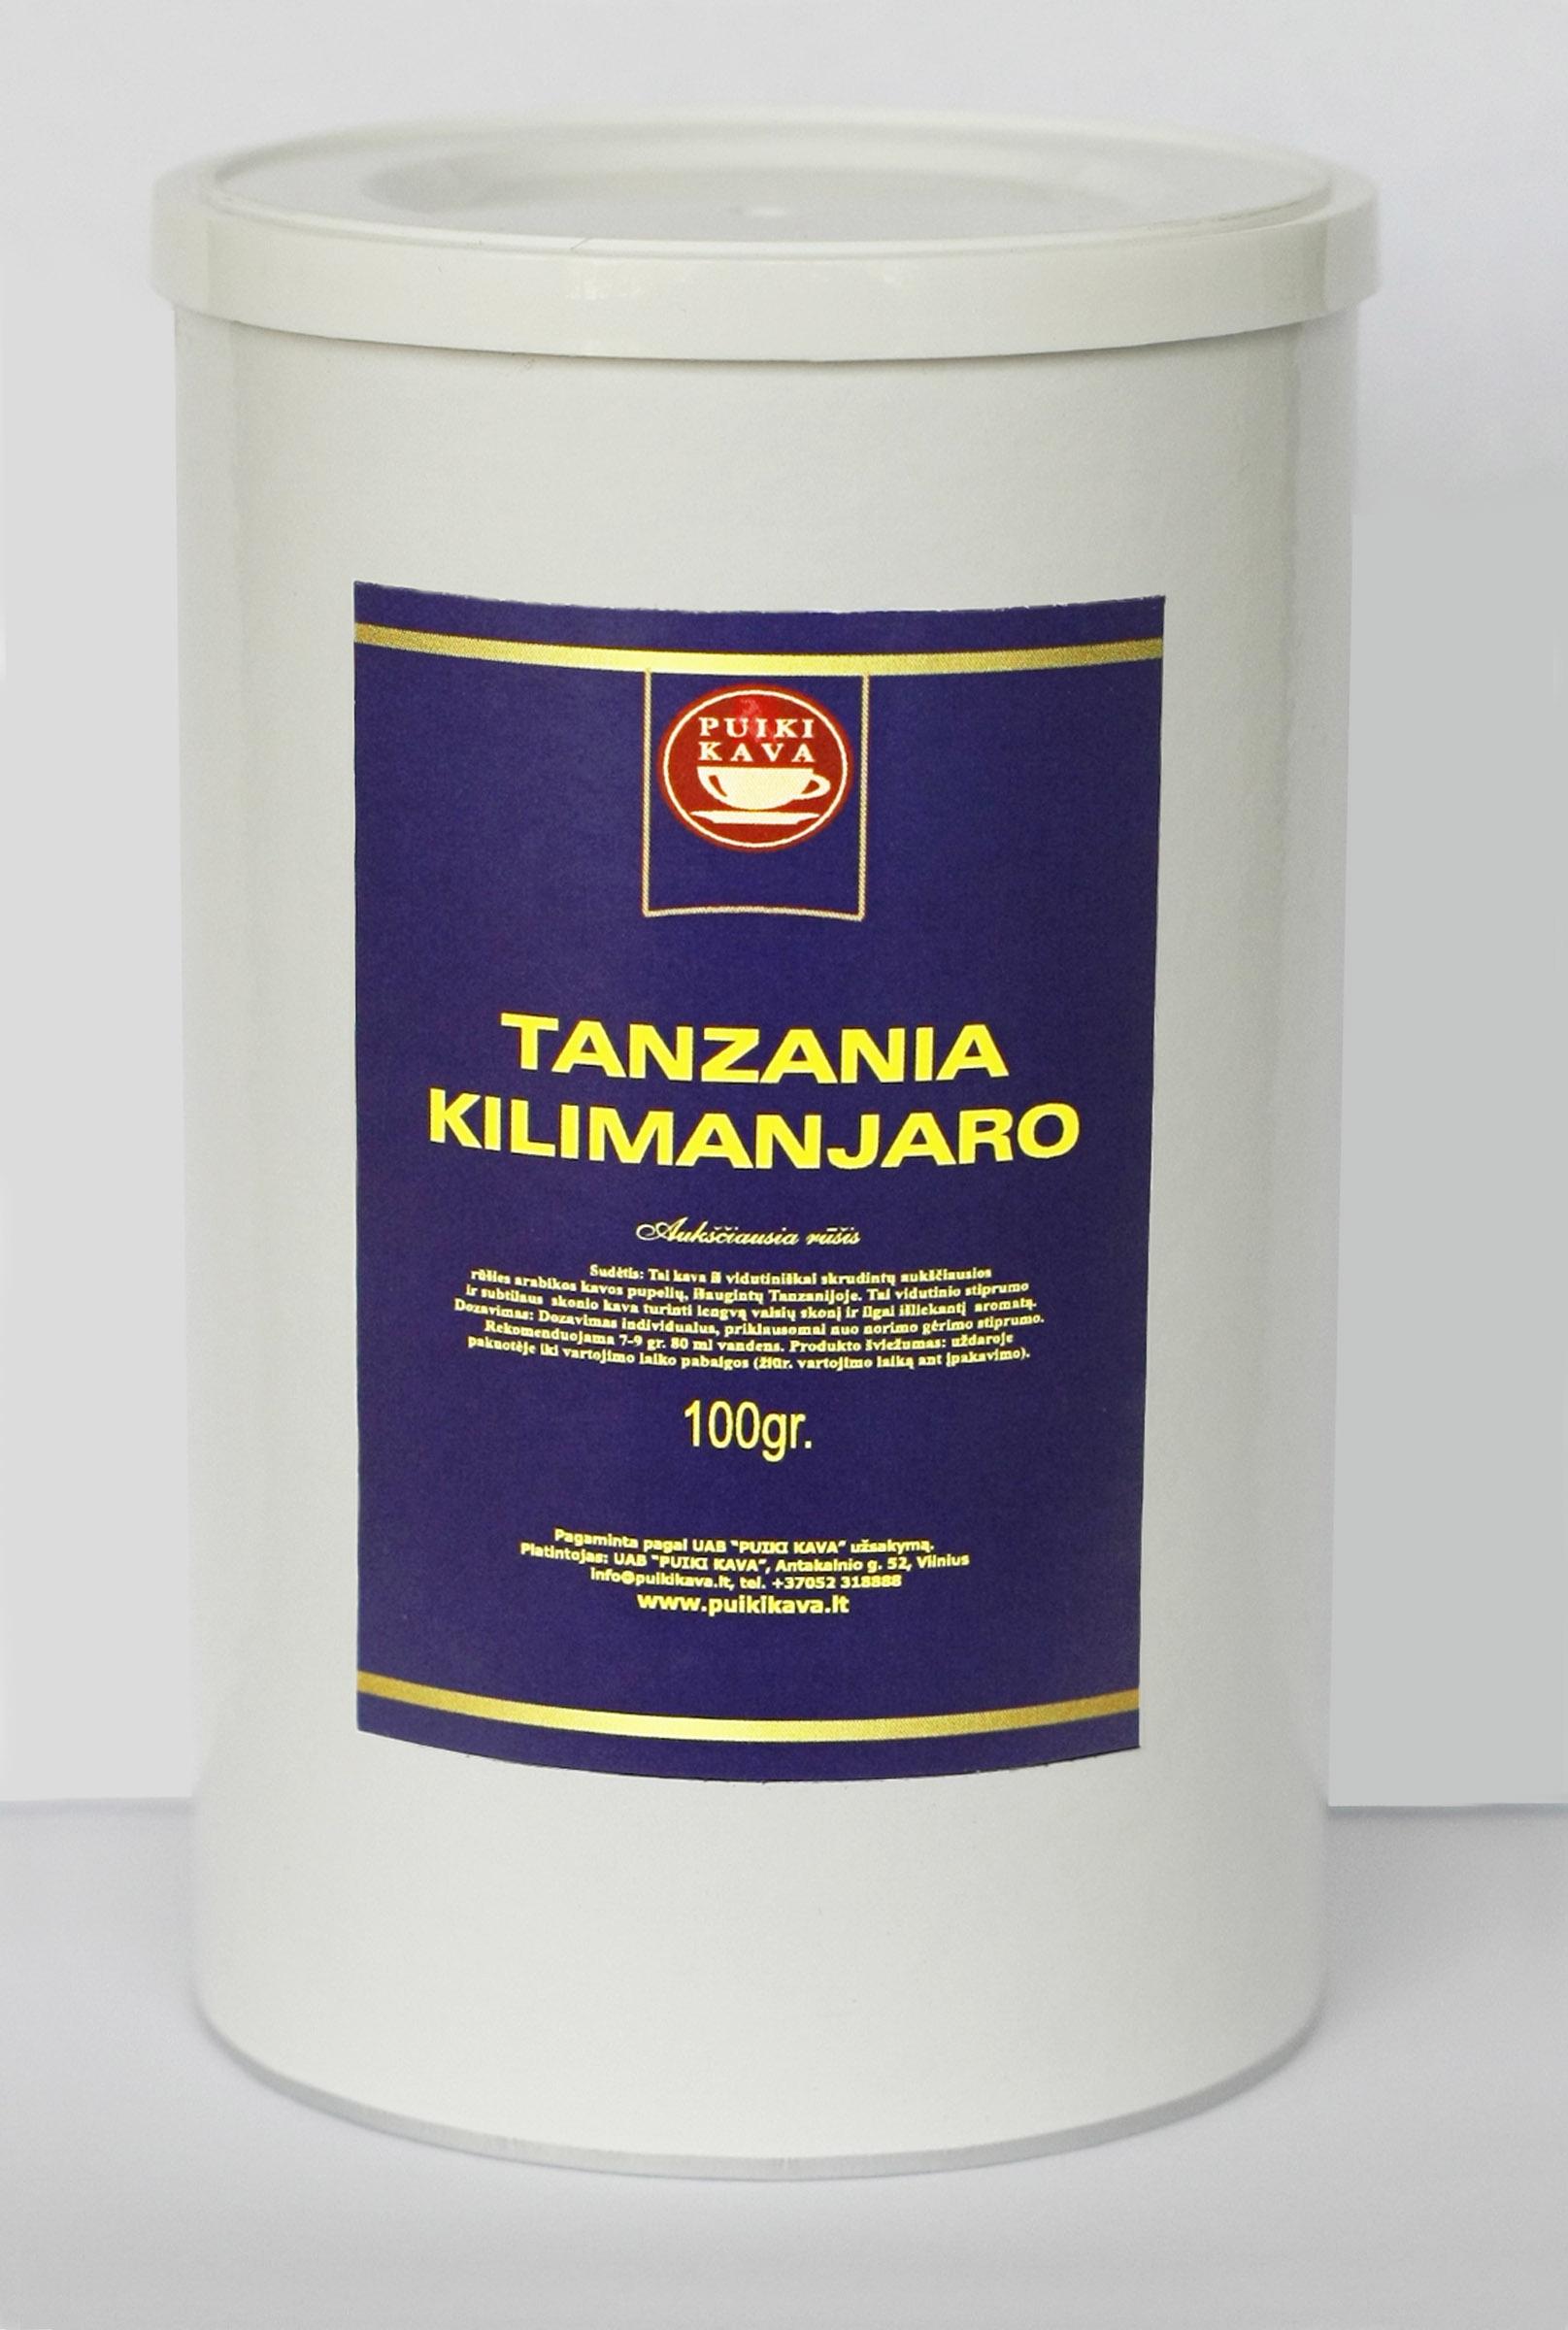 Malta kava TANZANIA KILIMANJARO 100gr.